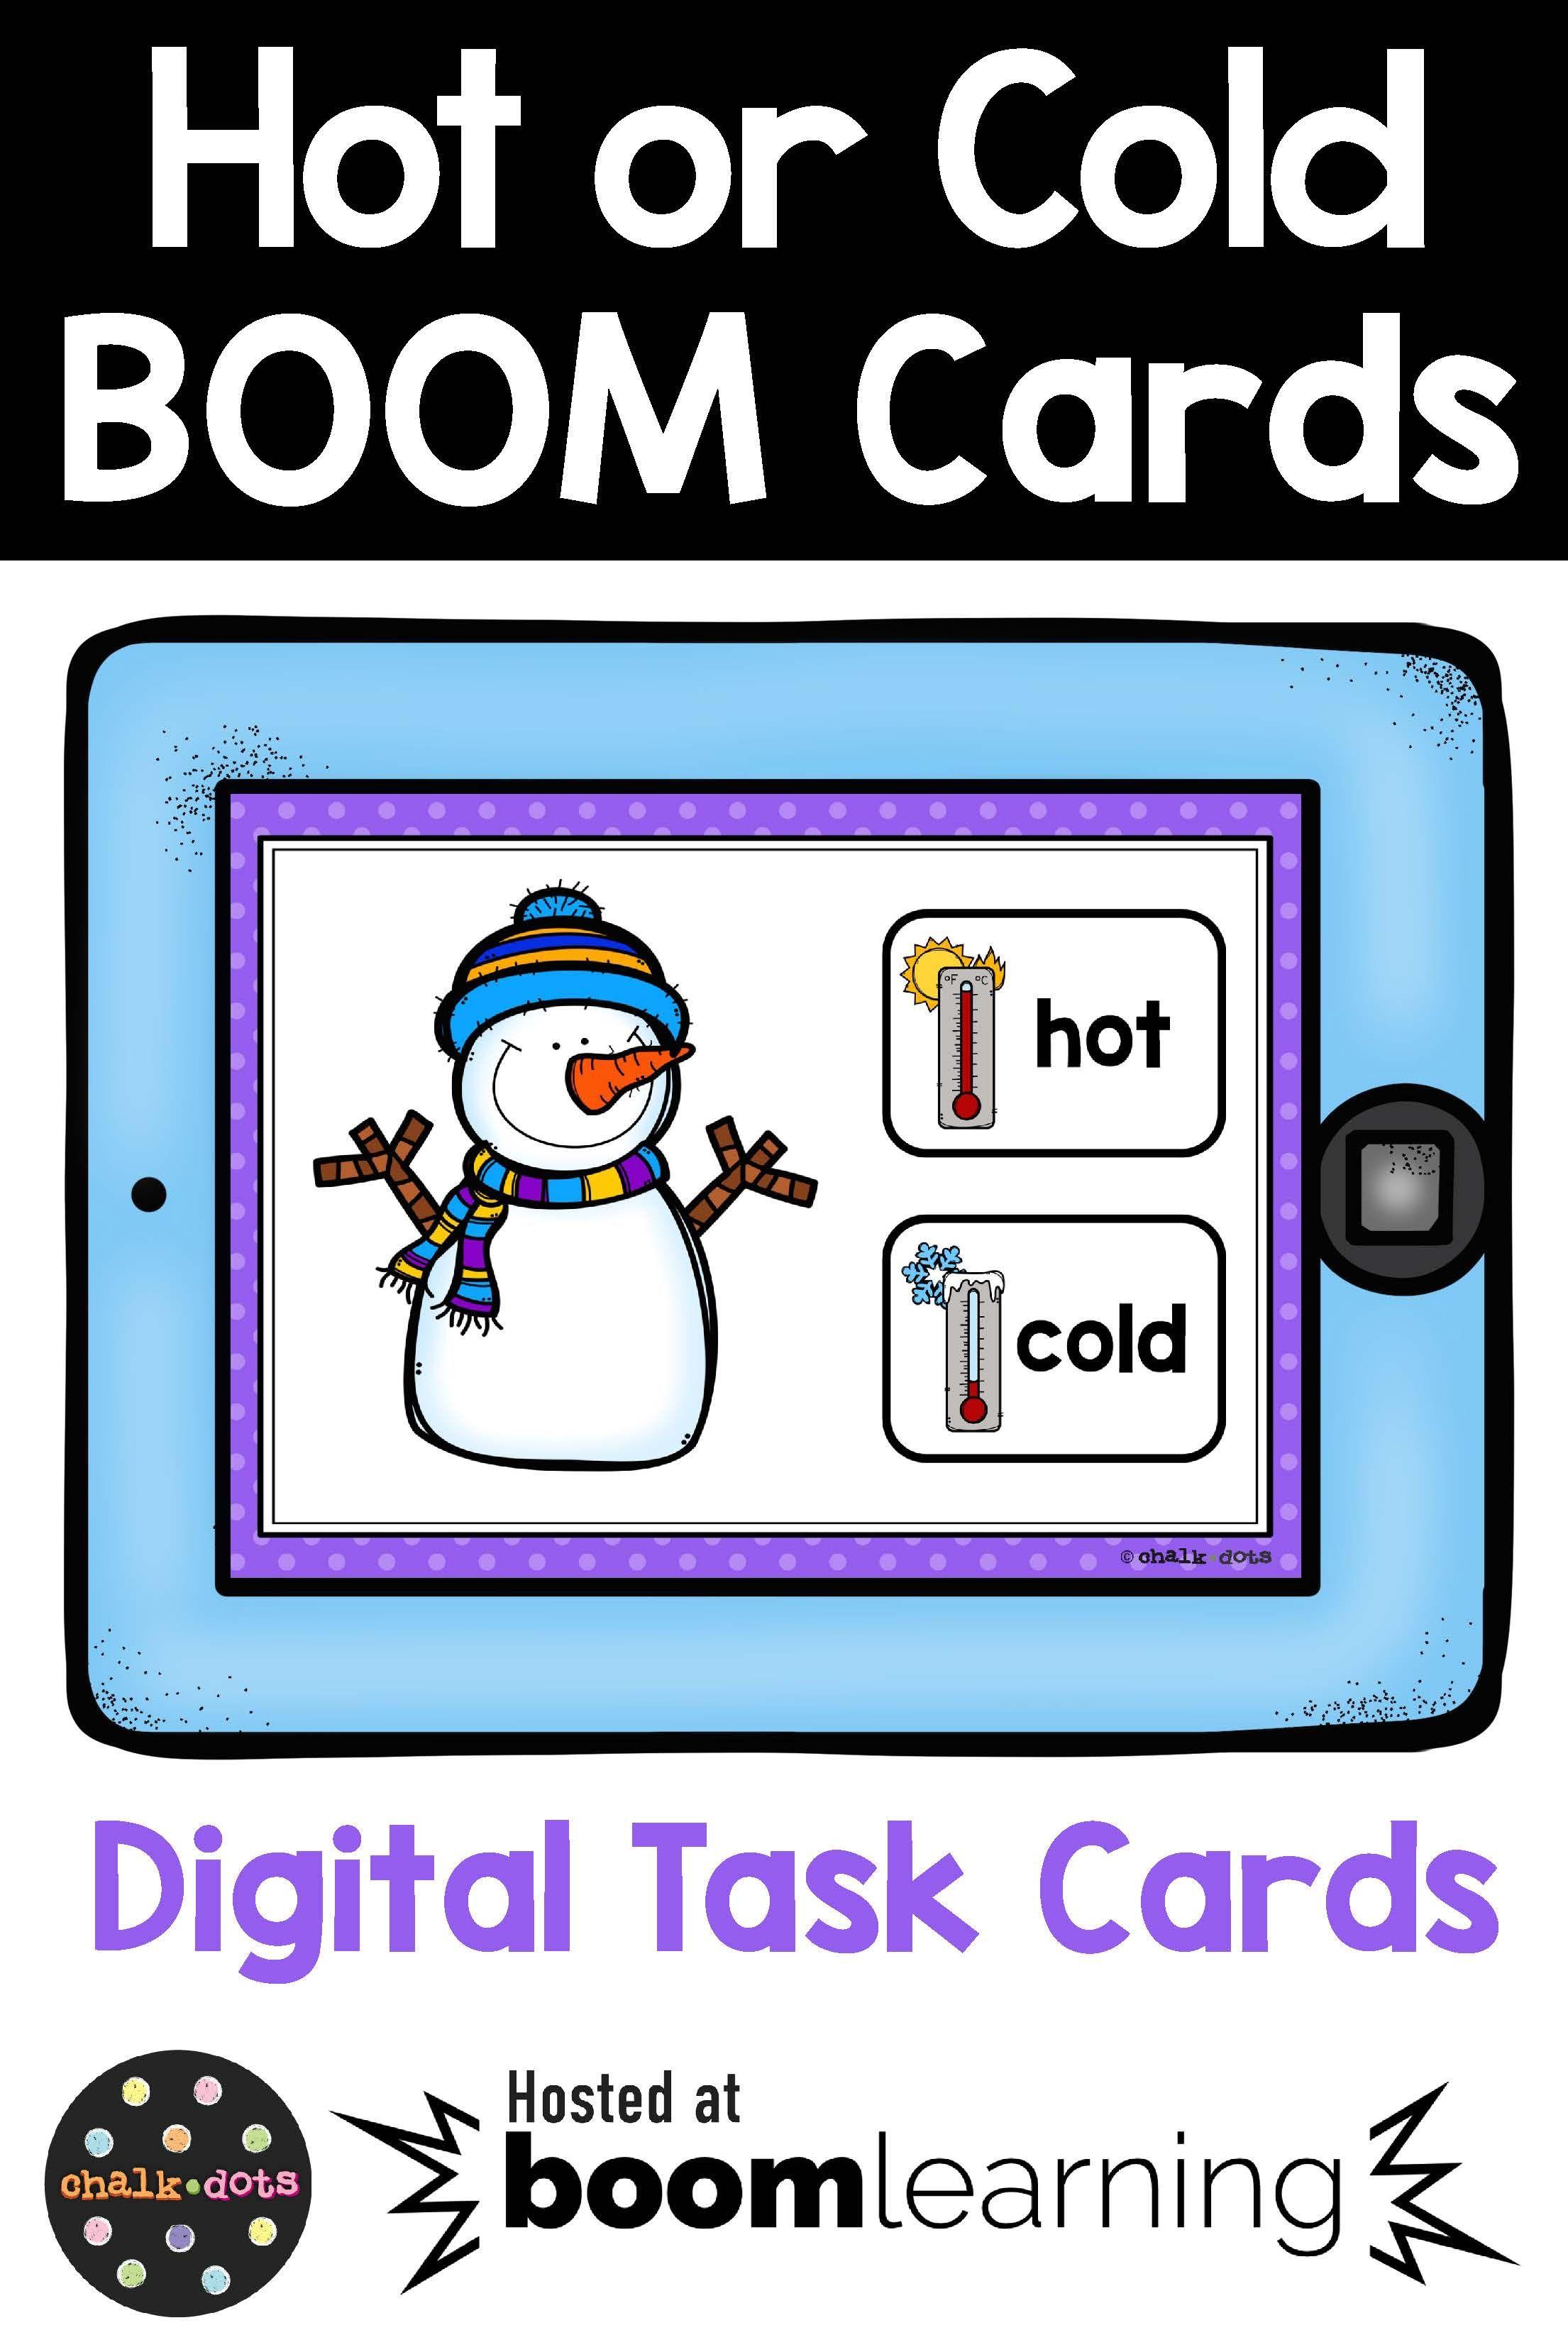 Hot Vs Cold Boom Cards In